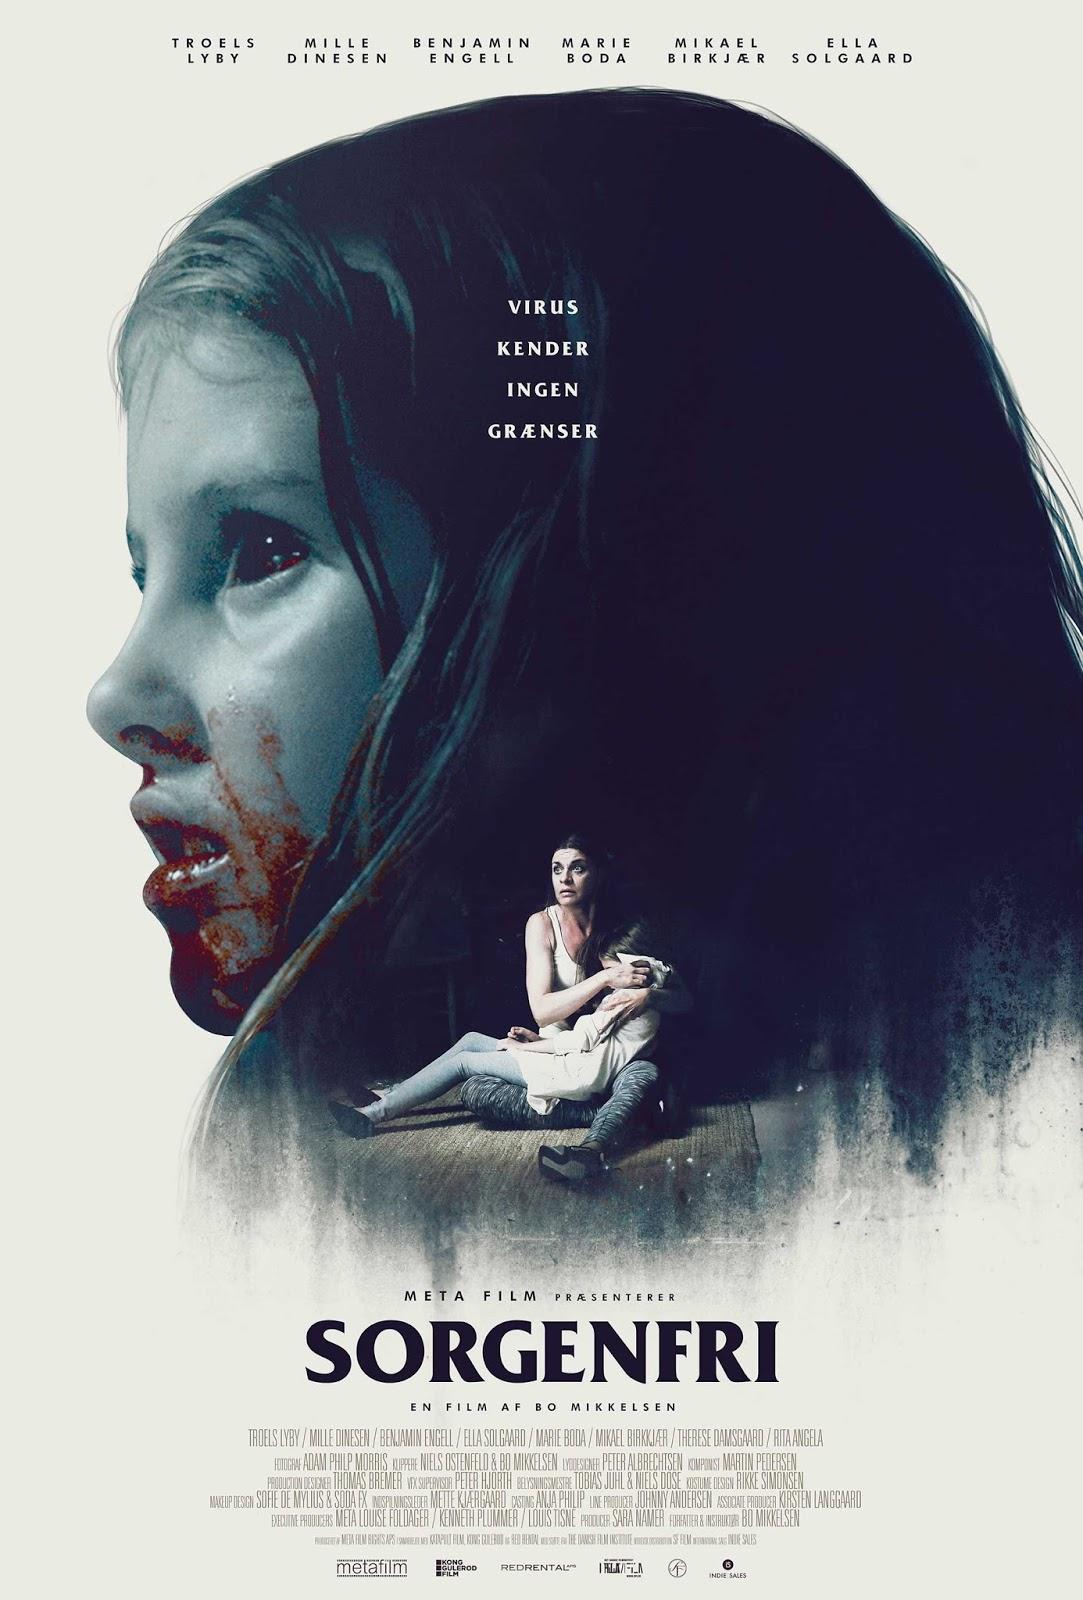 film der udkommer i 2016